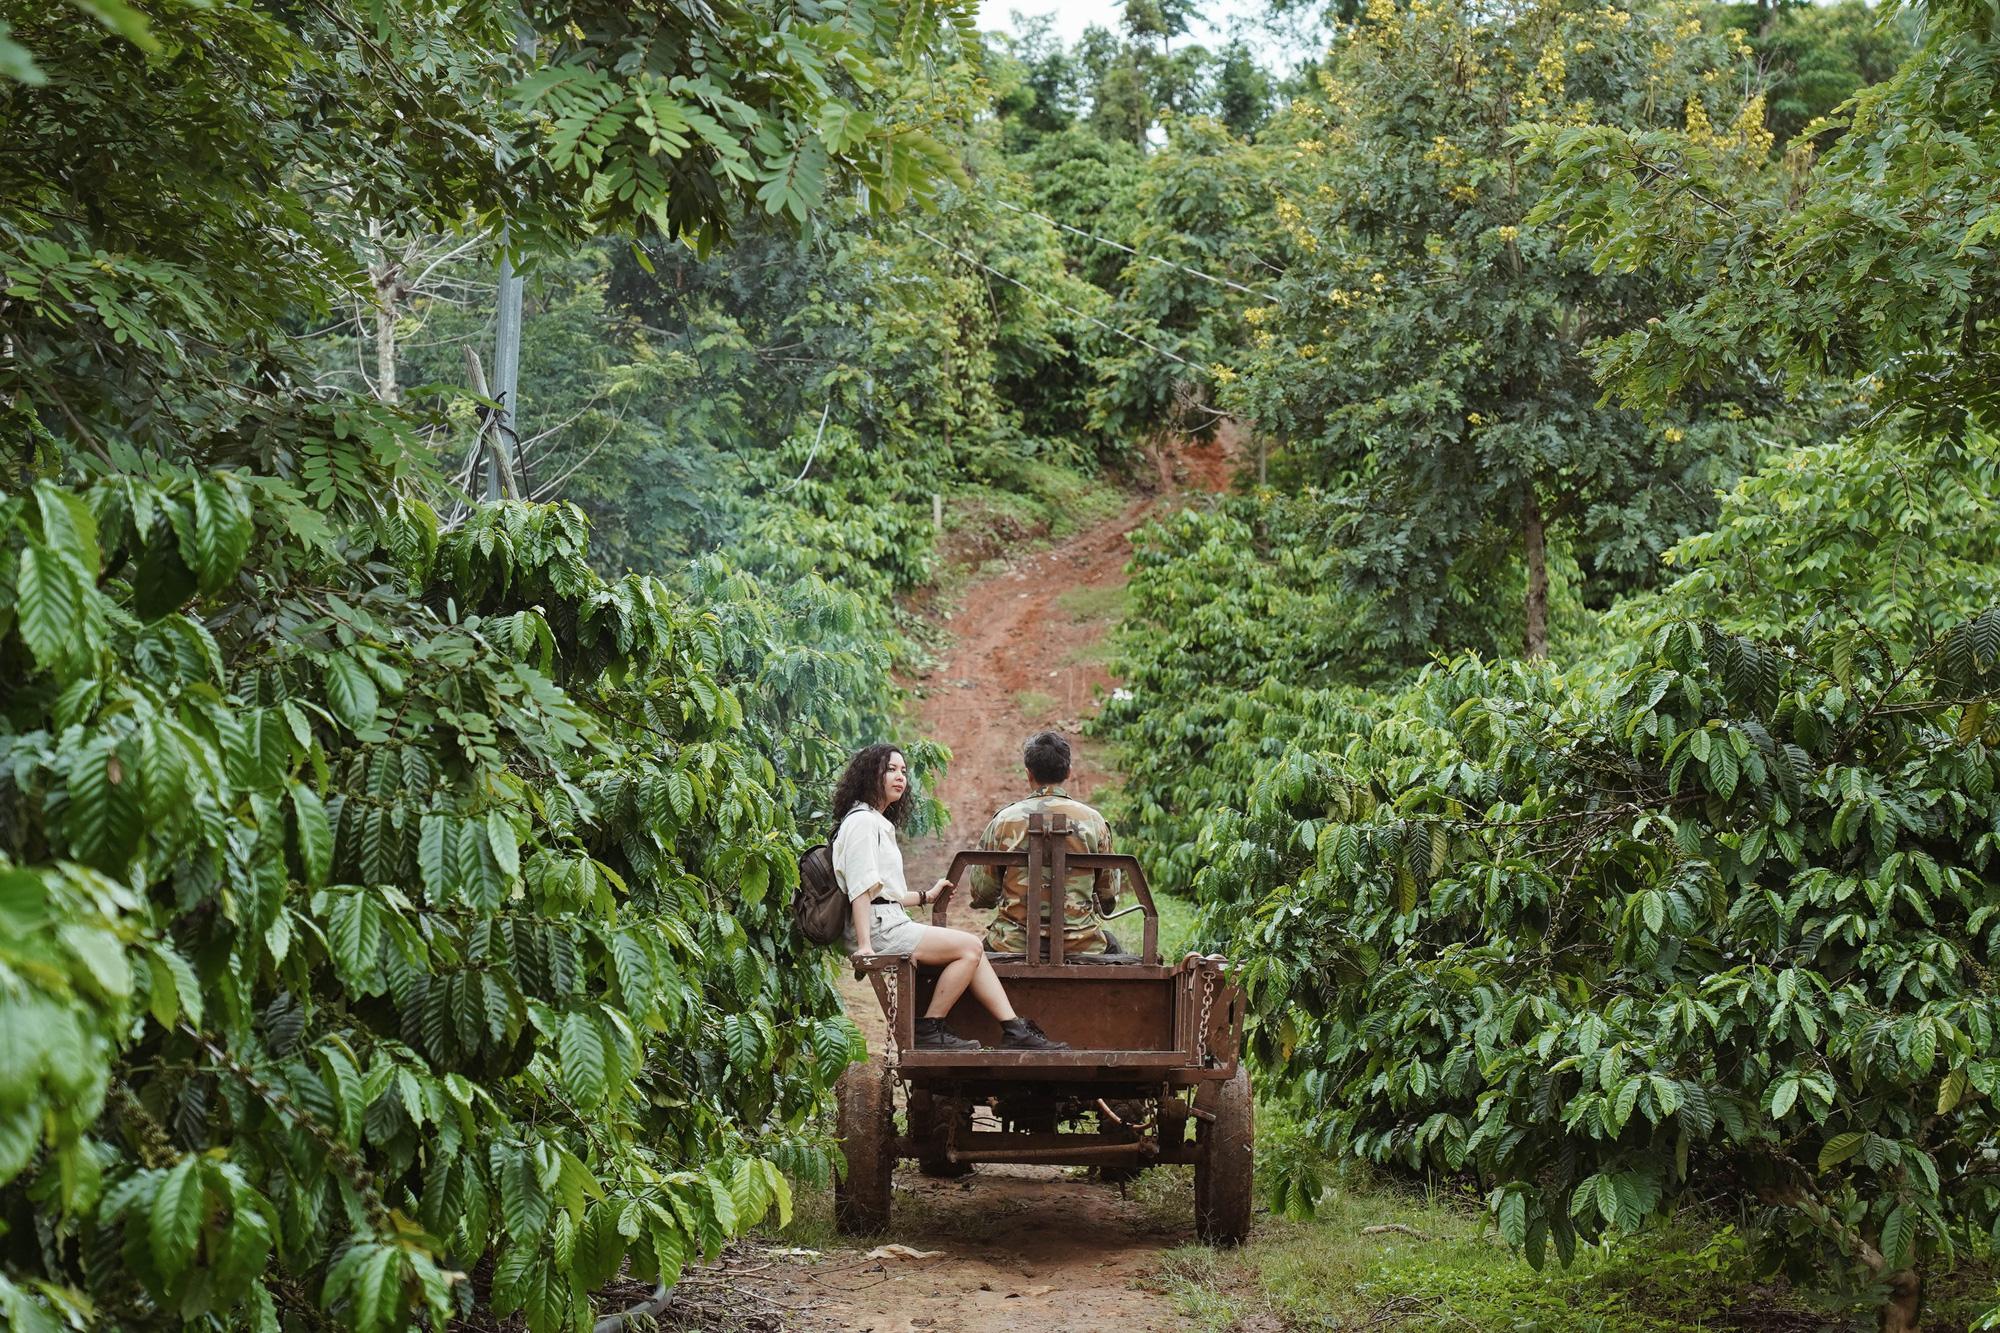 Những vùng đất cà phê Việt Nam hiện lên tuyệt đẹp qua góc nhìn của travel blogger Nhị Đặng: Nước mình còn nhiều nơi phải đi đến thế! - Ảnh 9.